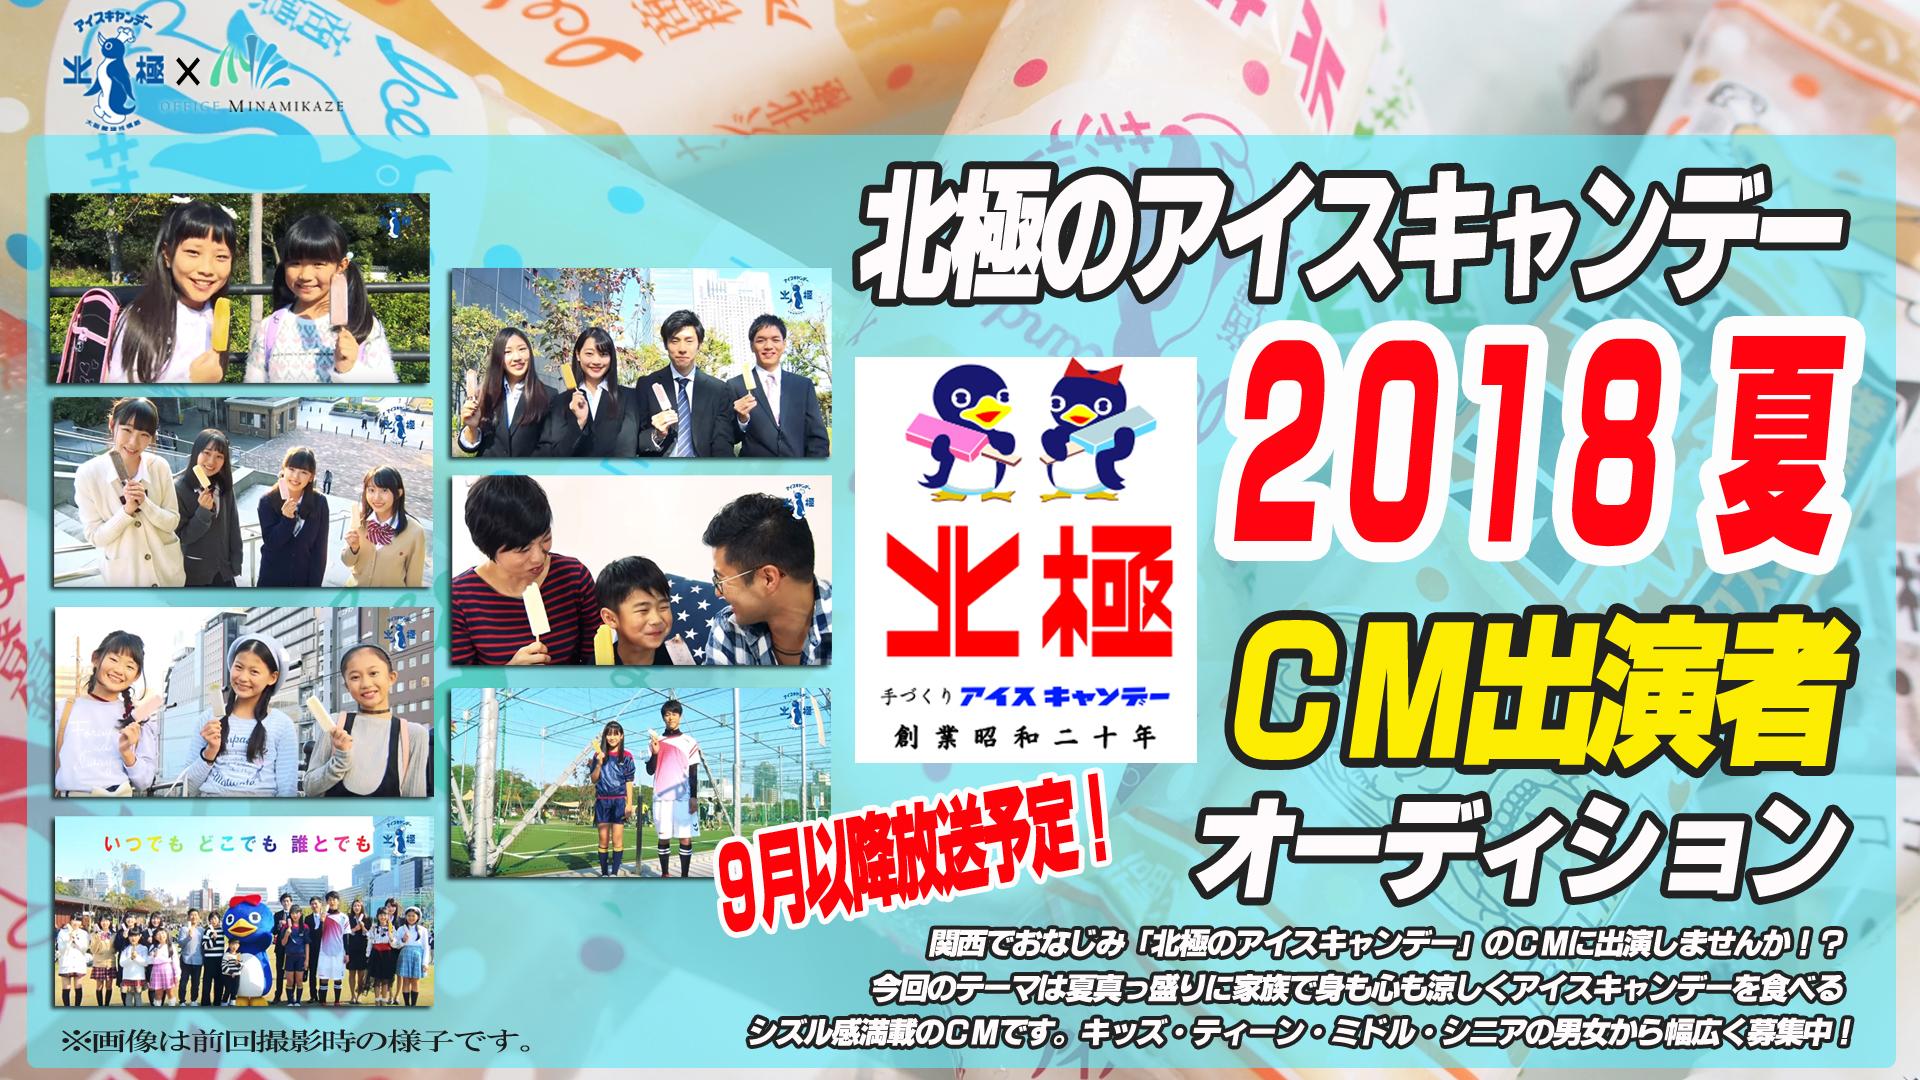 【CM完成】『北極のアイスキャンデー2018夏』CM